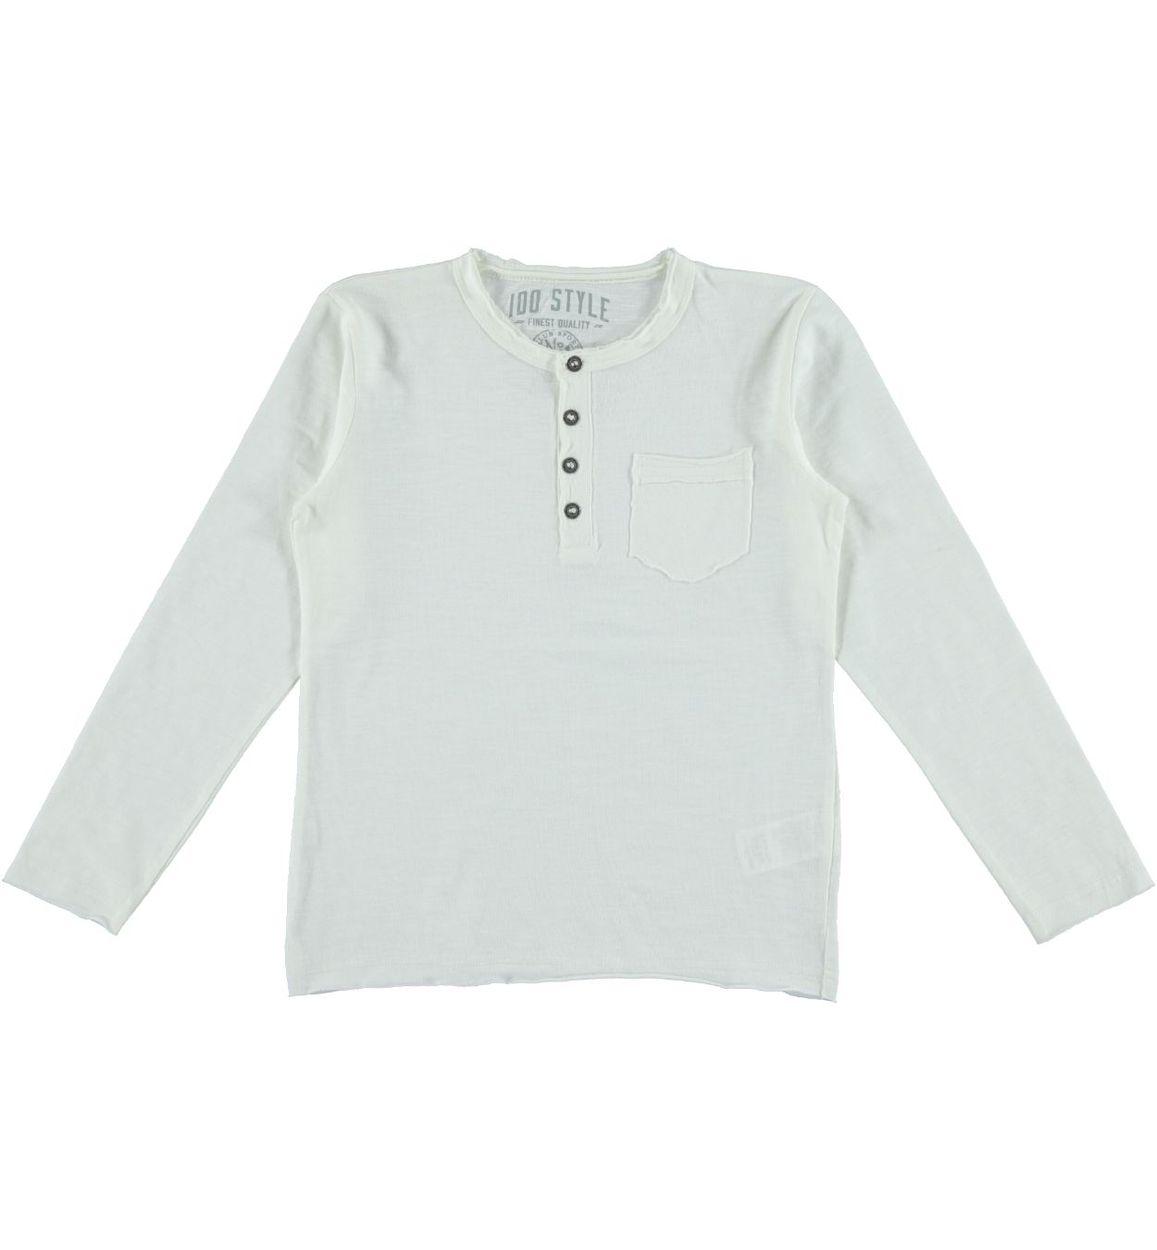 outlet store cf480 70270 Maglietta serafino in jersey fiammato 100% con taschino a toppa per bambino  da 3 a 16 anni iDO